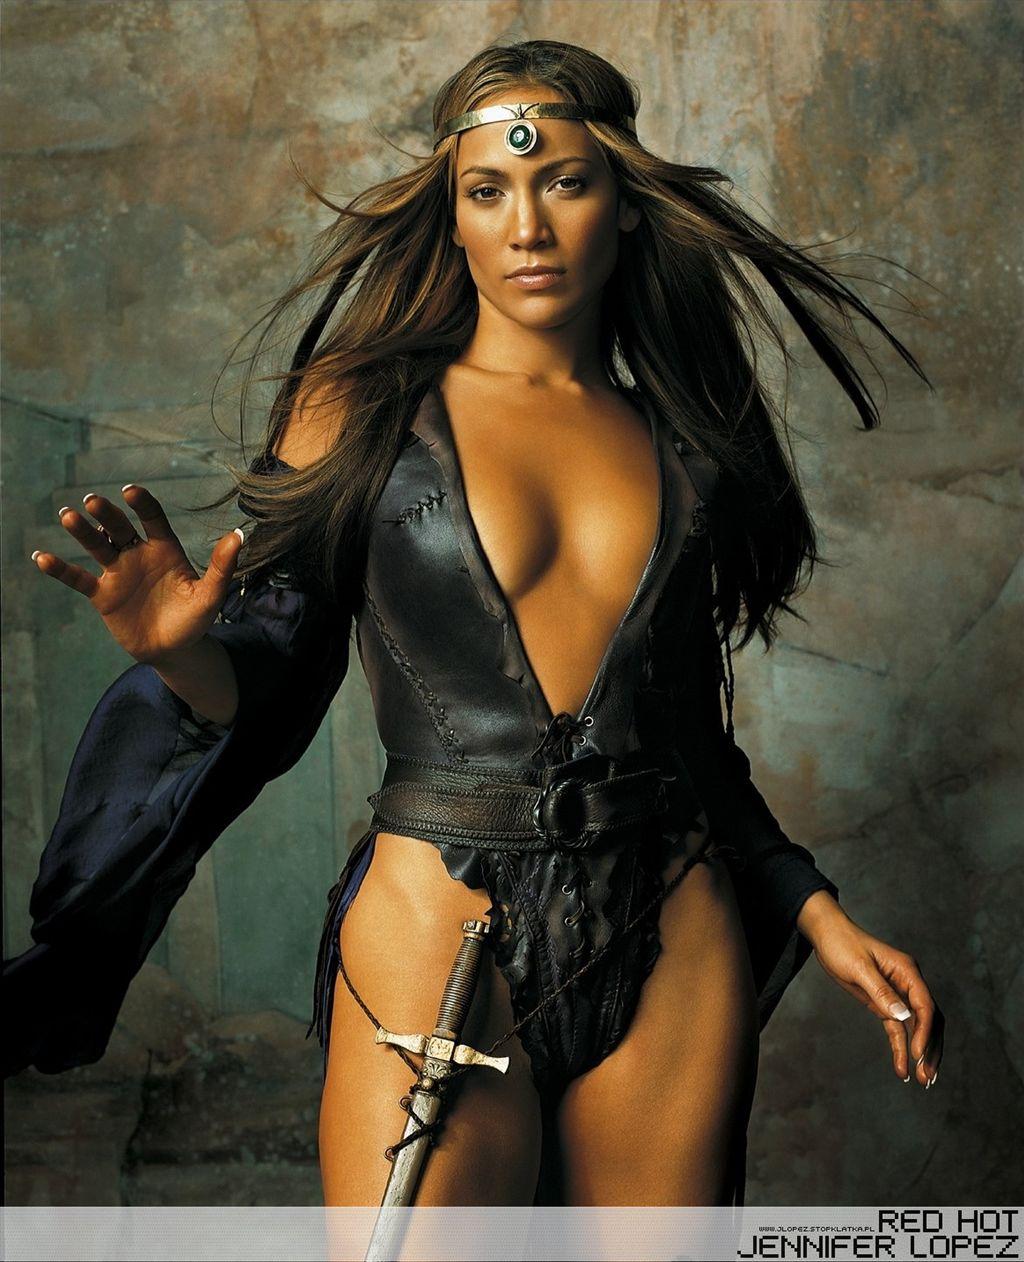 http://1.bp.blogspot.com/_zu07D-9lBnM/TIiPLabxUWI/AAAAAAAAASg/gZ46D6aDEI4/s1600/Jenepher+Lopez+Hot+Photo+%286%29.jpg